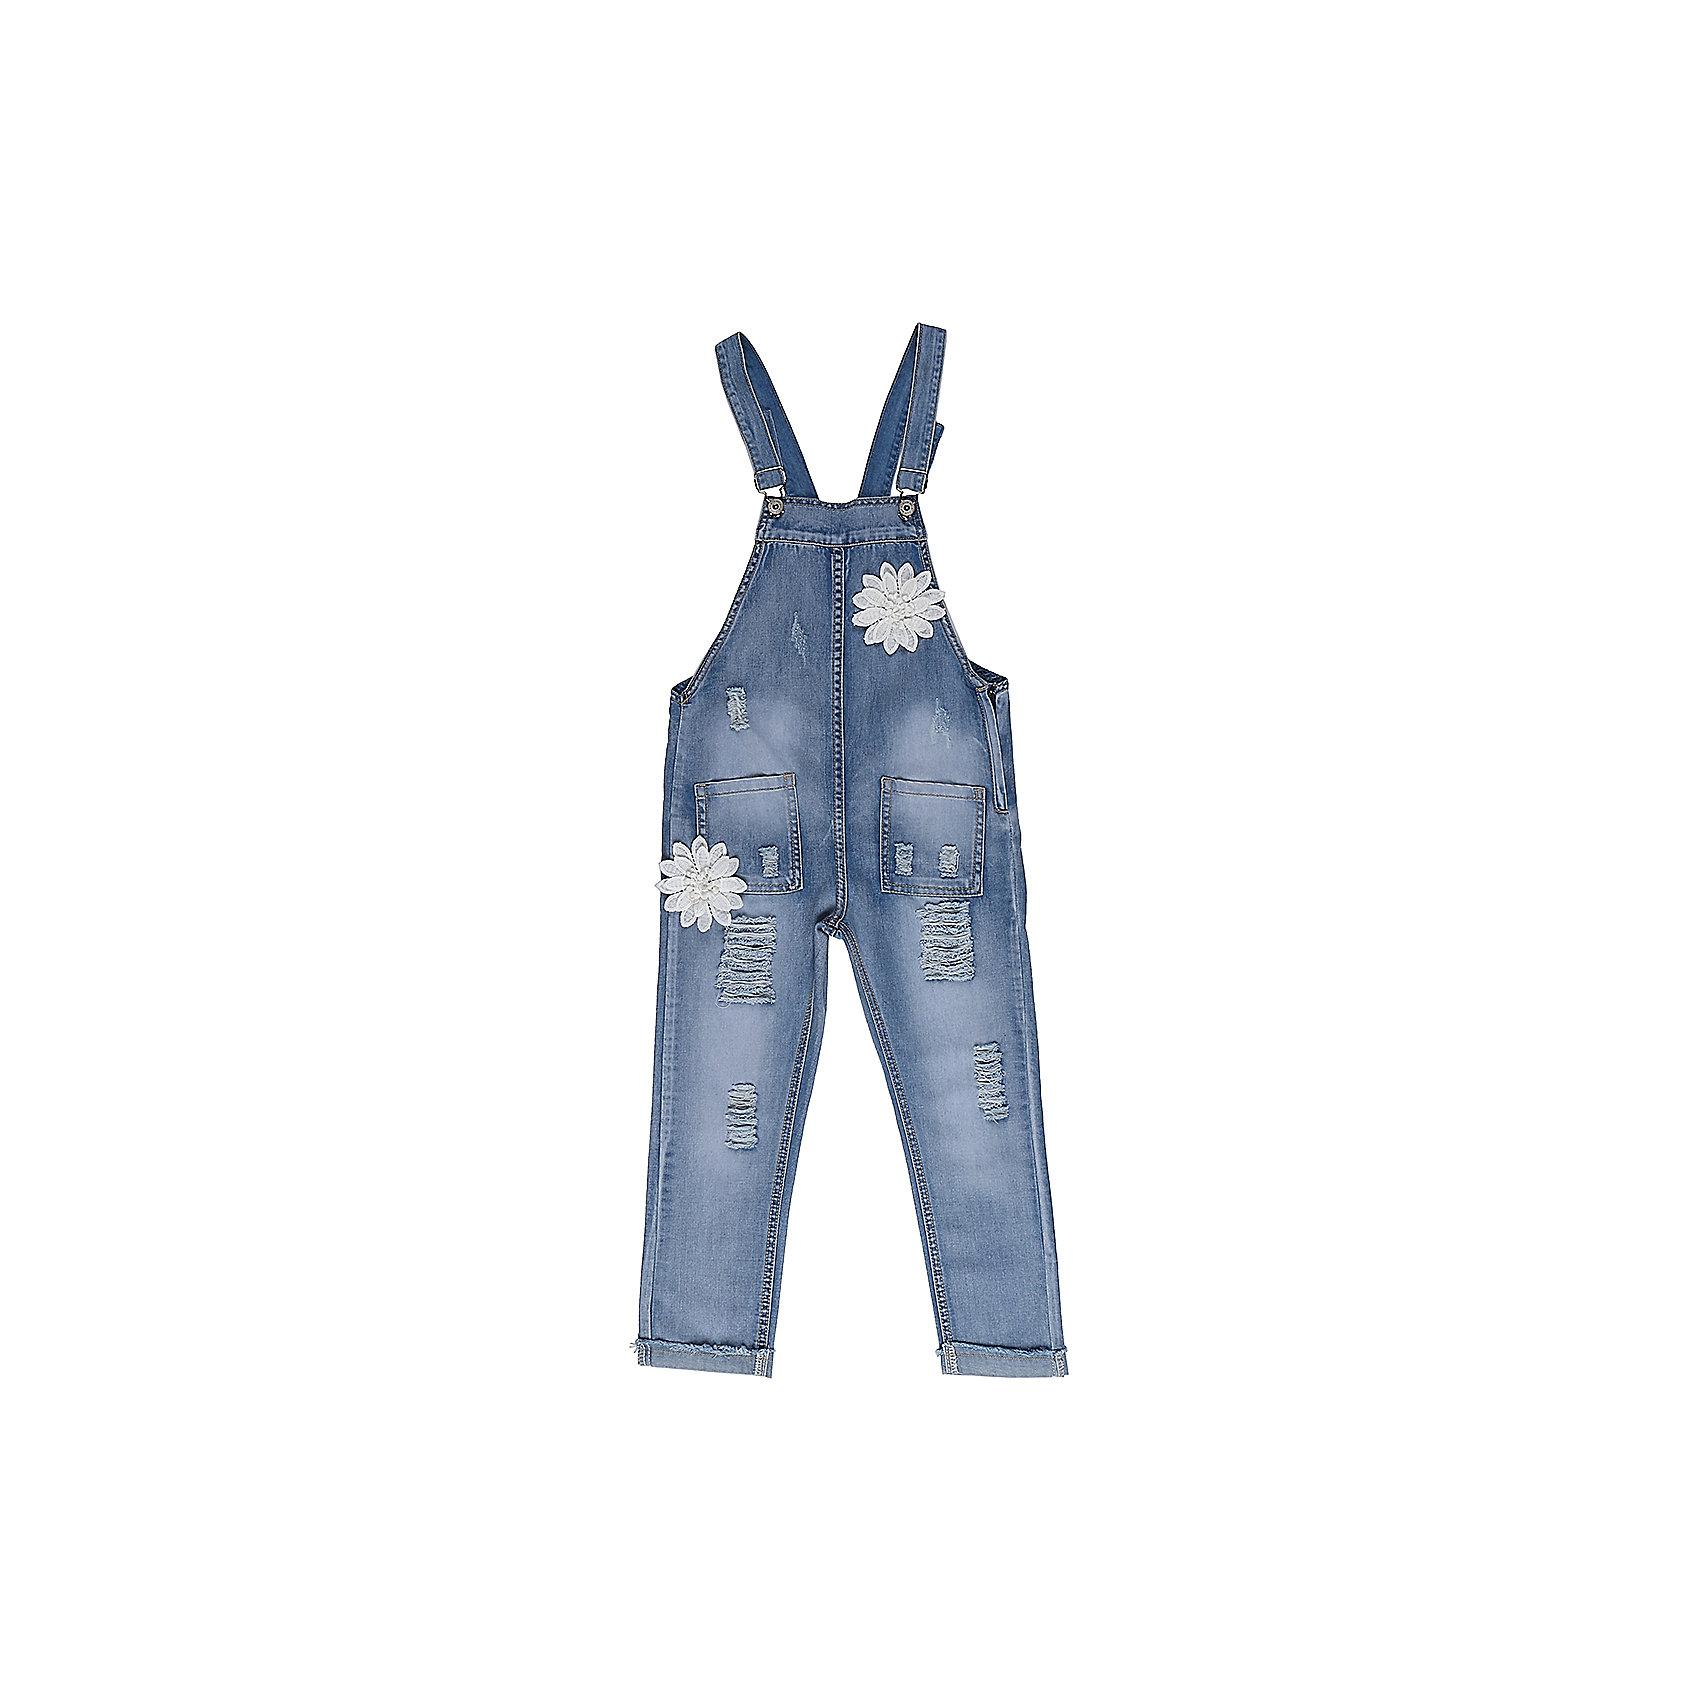 Комбинезон джинсовый для девочки LuminosoДжинсовая одежда<br>Джинсовый полукомбинезон для девочки на регулируемых бретелях. С оригинальной аппликацией  и эффектом рваных джинс. Накладные карманы.<br>Состав:<br>98%хлопок 2%эластан<br><br>Ширина мм: 215<br>Глубина мм: 88<br>Высота мм: 191<br>Вес г: 336<br>Цвет: синий<br>Возраст от месяцев: 156<br>Возраст до месяцев: 168<br>Пол: Женский<br>Возраст: Детский<br>Размер: 164,158,134,140,146,152<br>SKU: 5413524